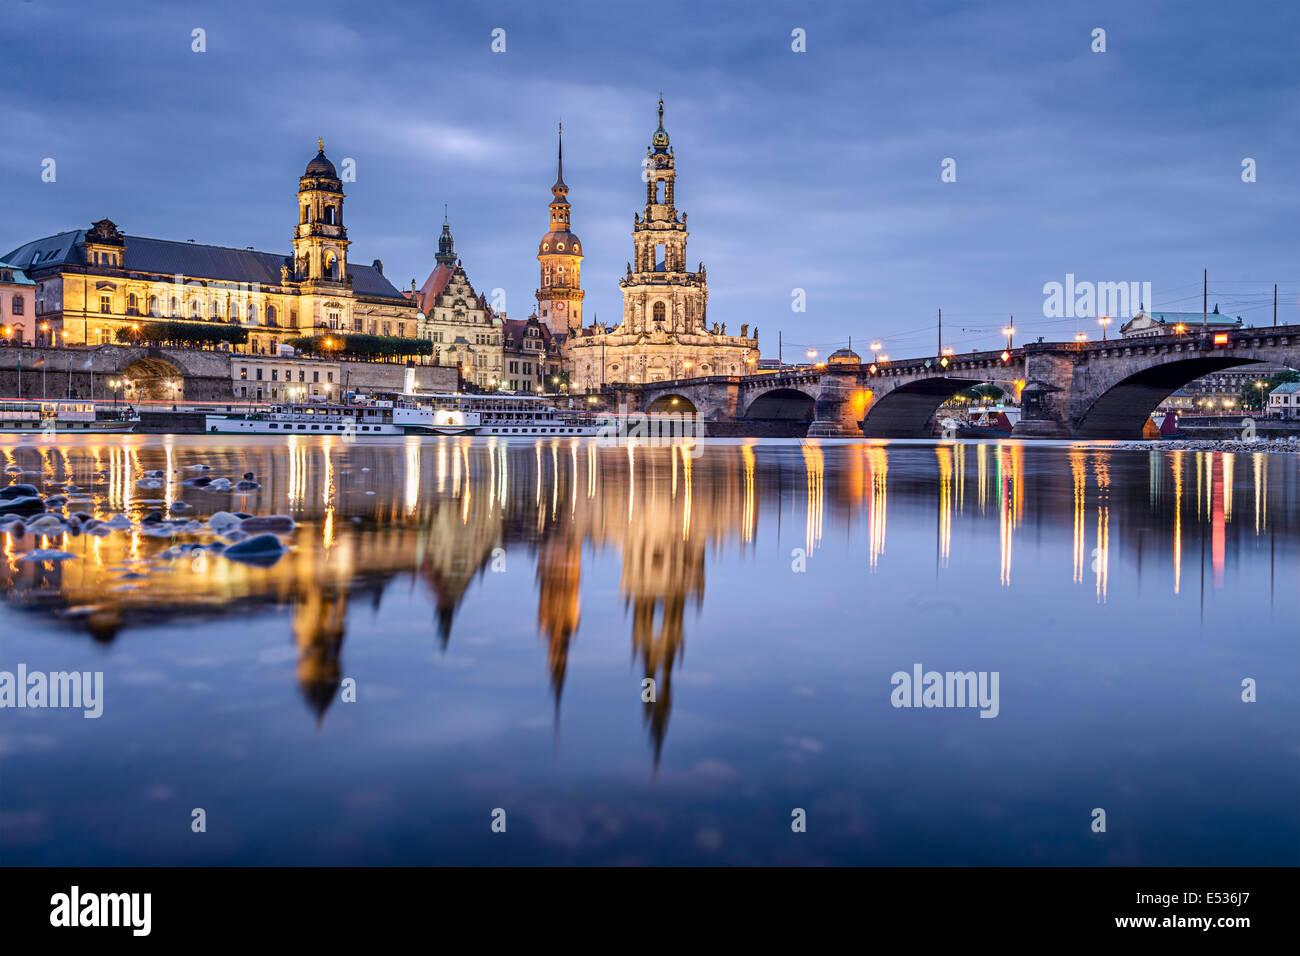 Dresden, Deutschland Stadtbild an der Elbe. Stockfoto